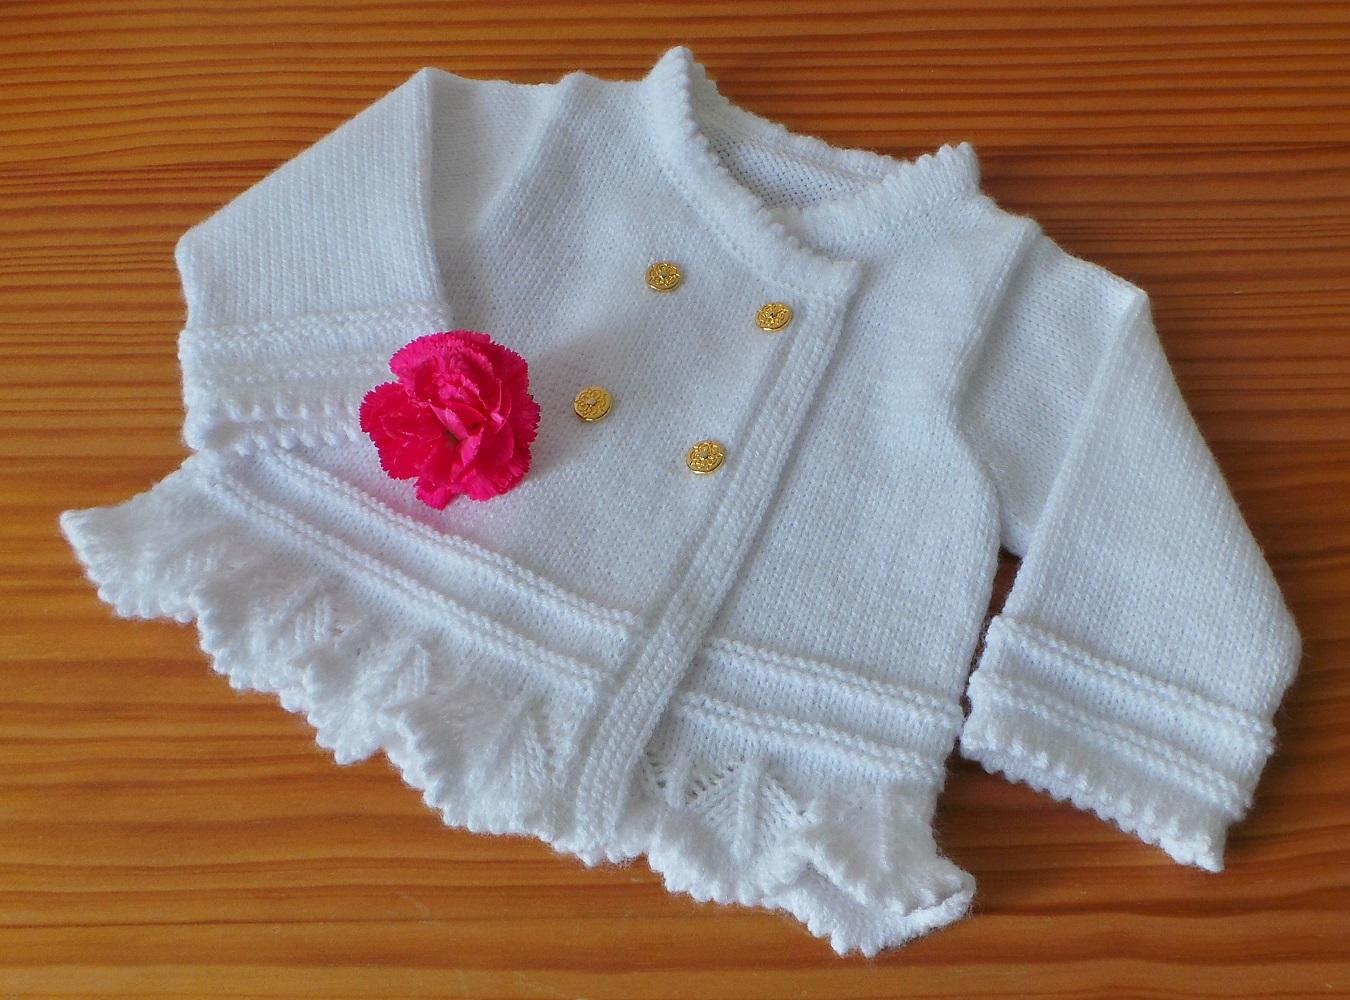 Brassière dentelle 6 mois - tutoriel tricot bébé PDF